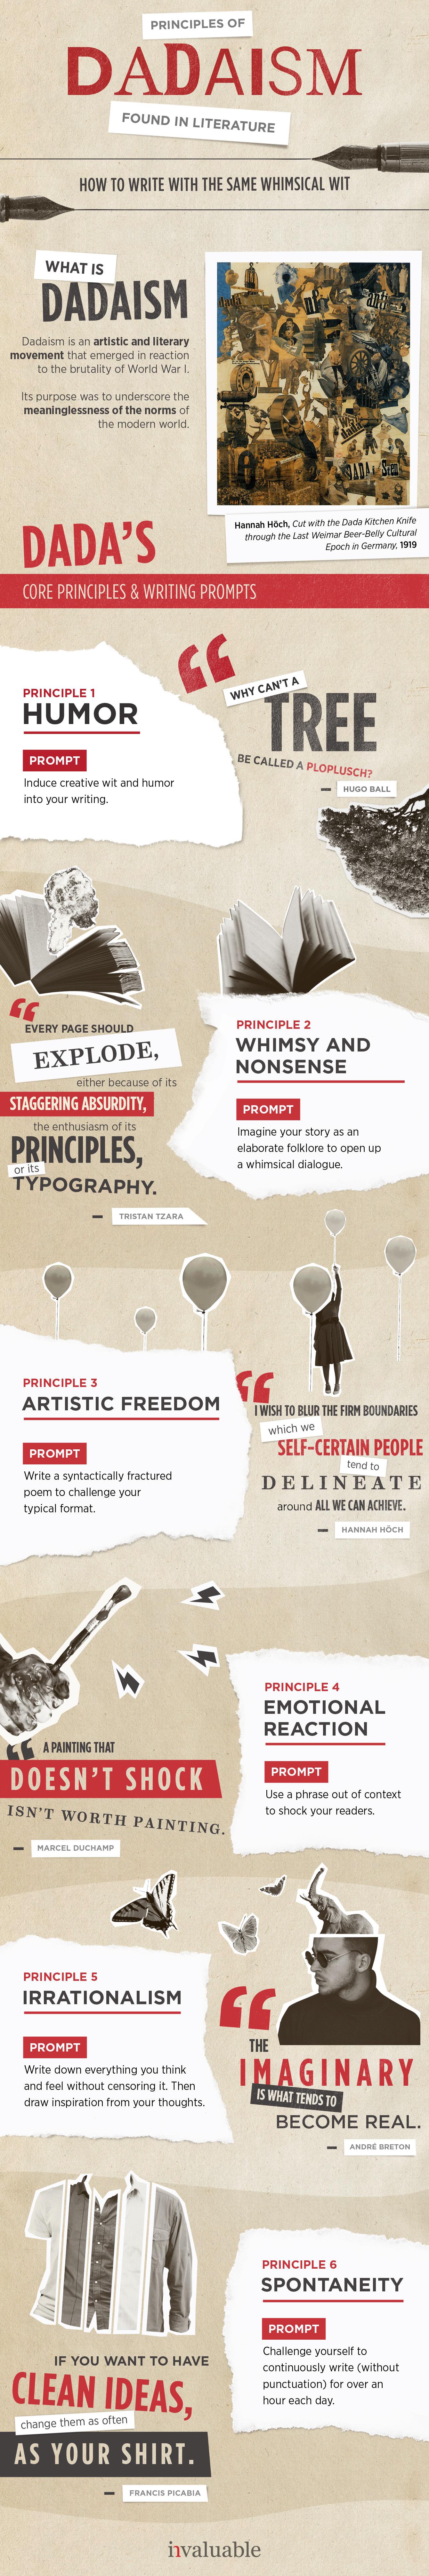 dada-literature-infographic.jpg